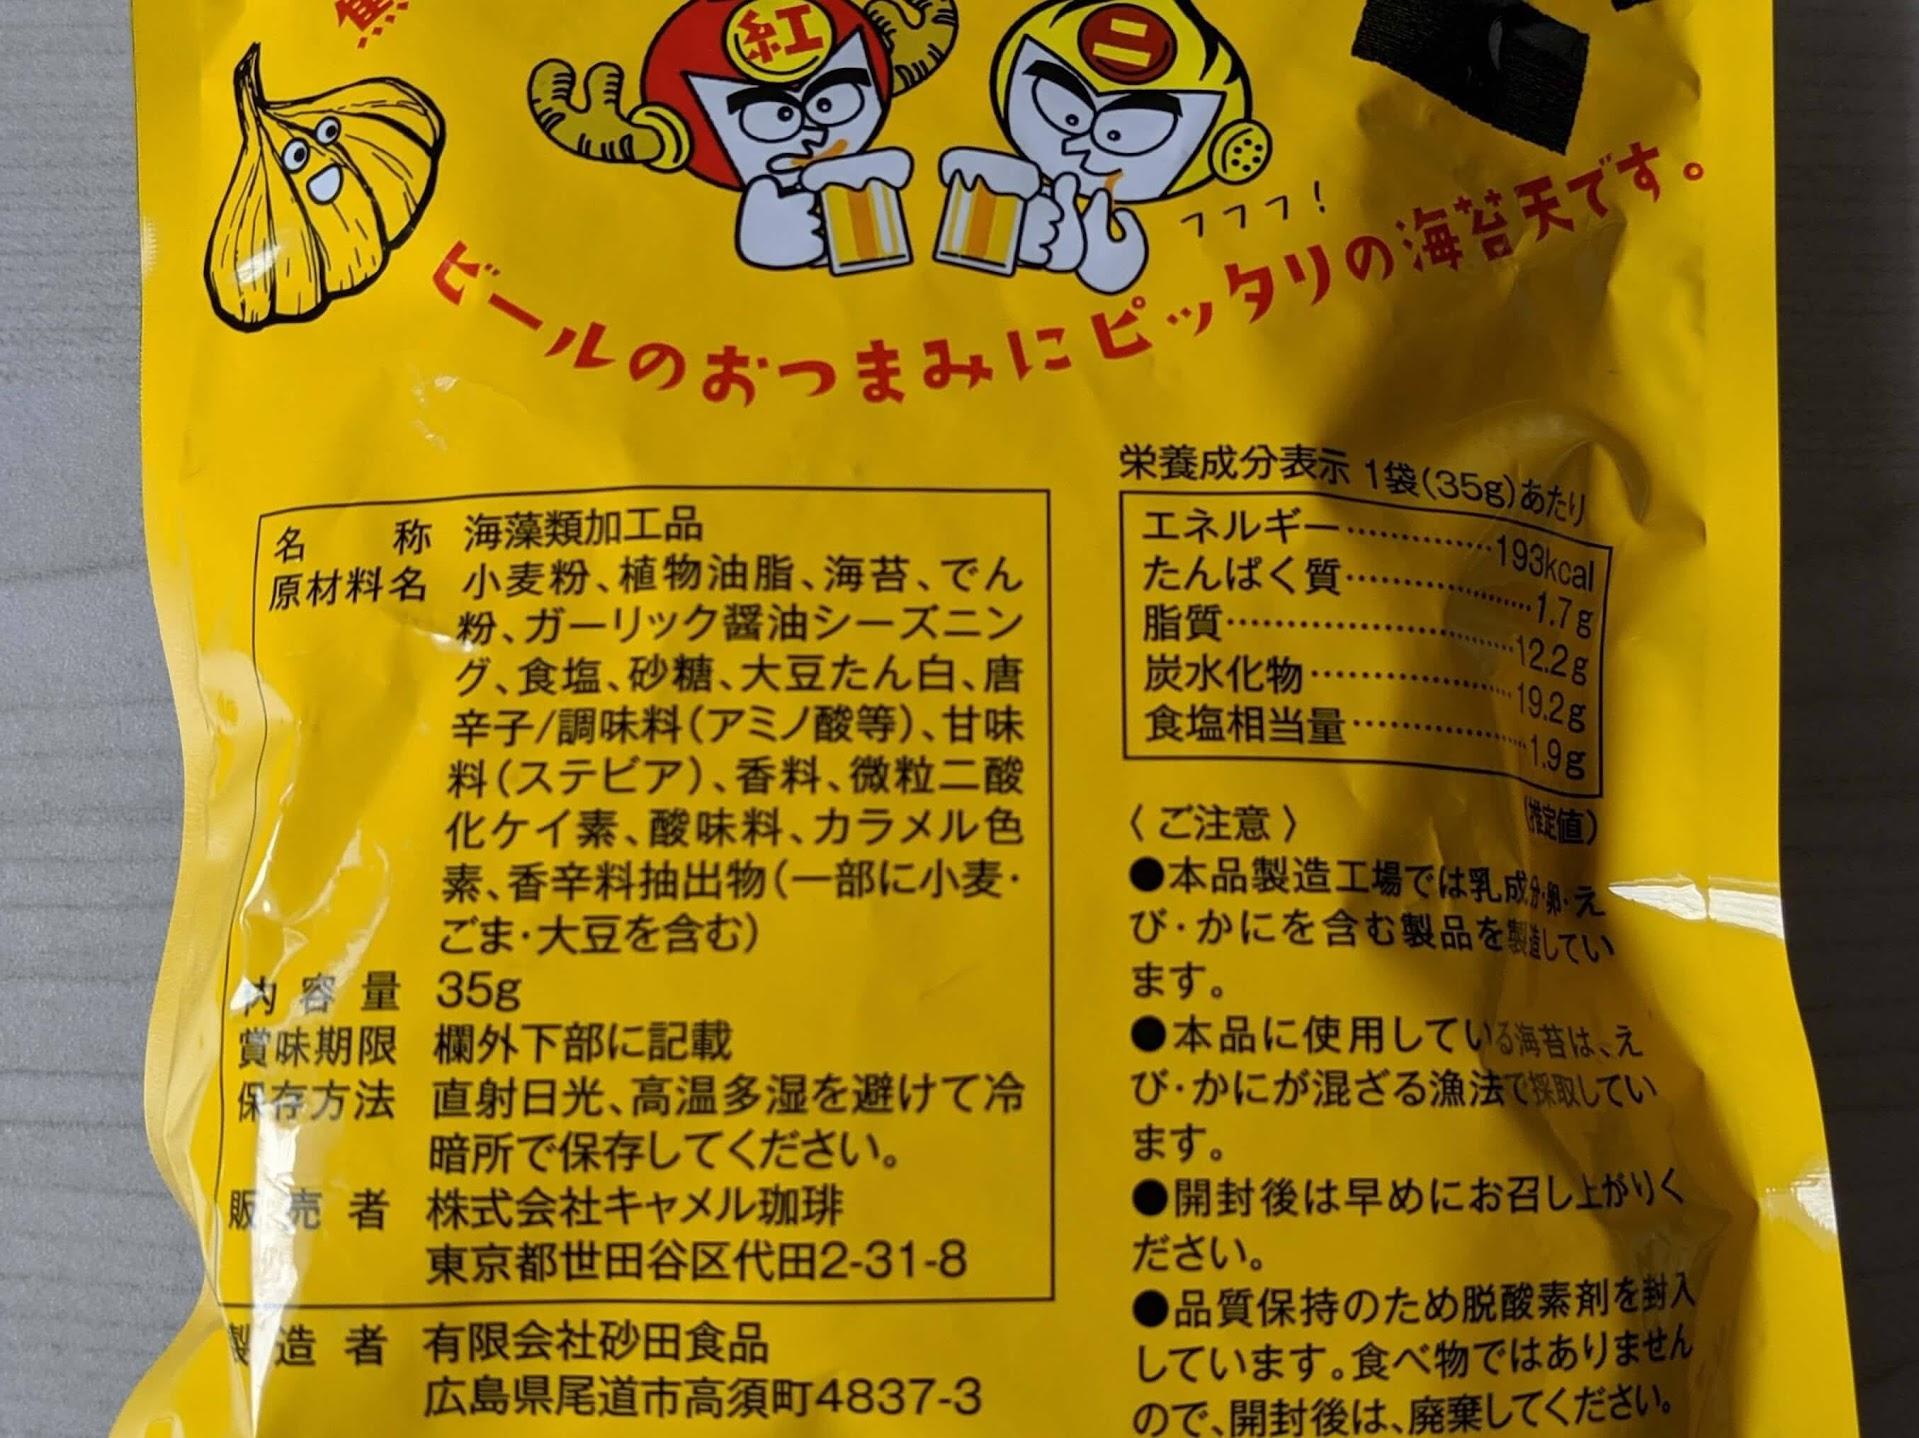 カルディ 焦がしニンンク醤油味ノリ天 栄養成分表示